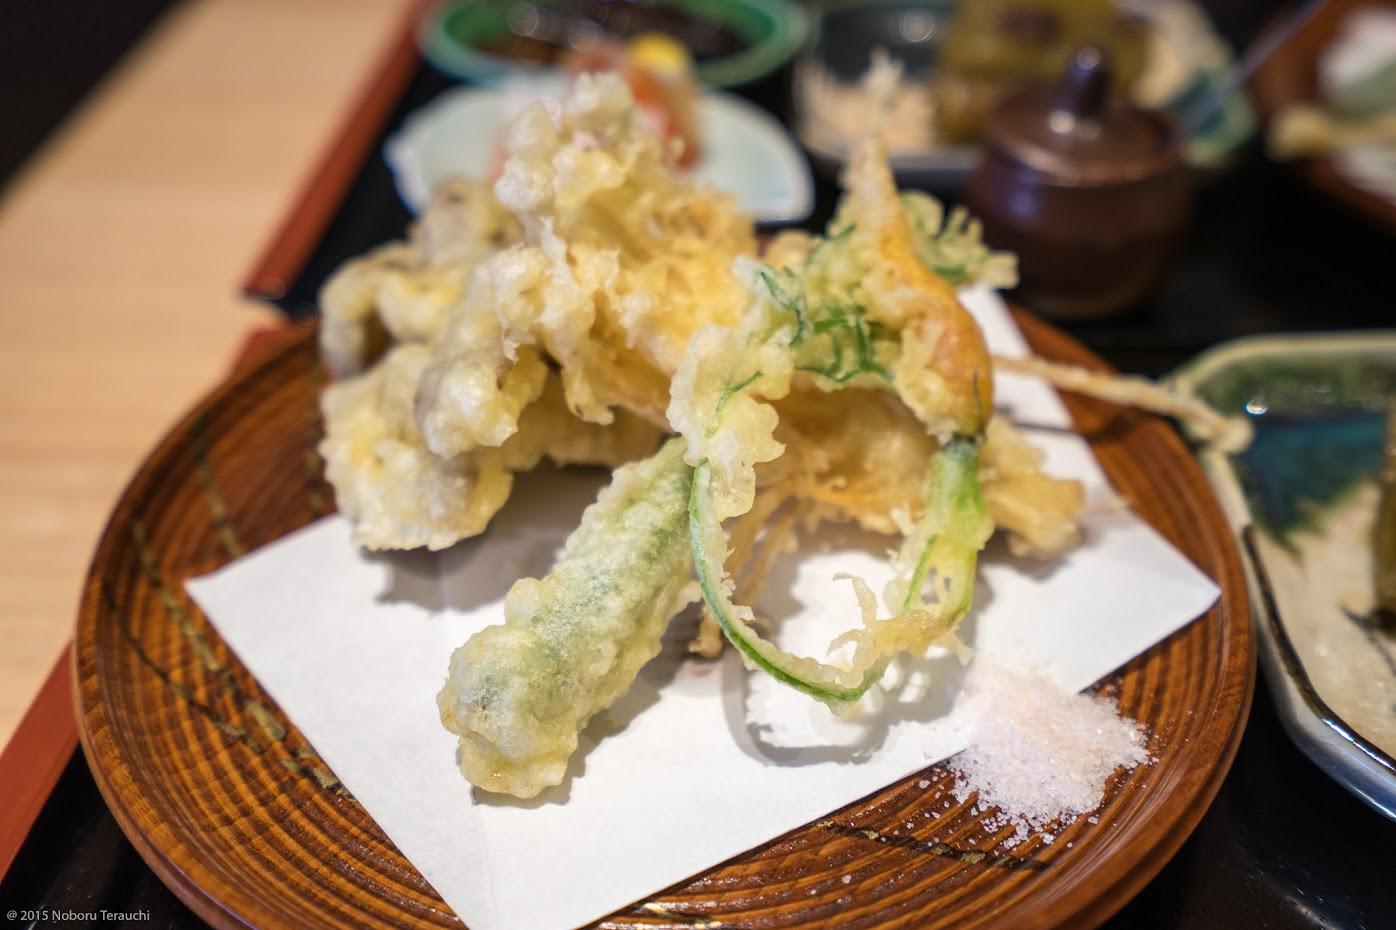 茸と旬菜の天ぷら盛り合わせ